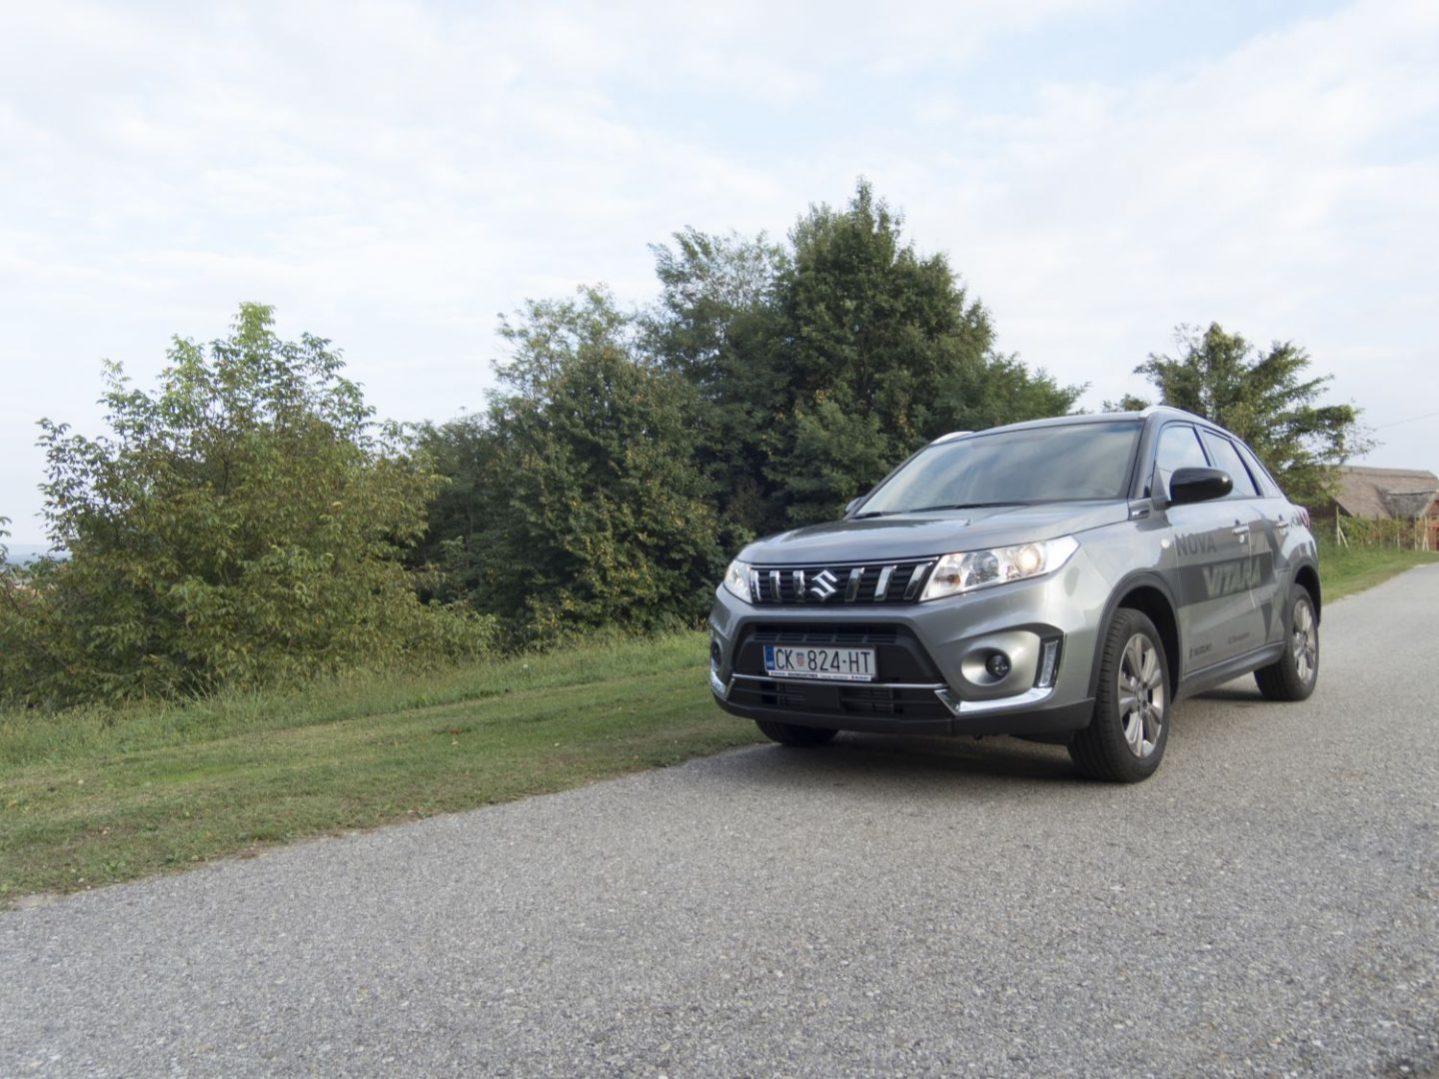 TEST: Kako je bilo voziti novu redizajniranu Suzuki Vitaru 1.4 Premium?